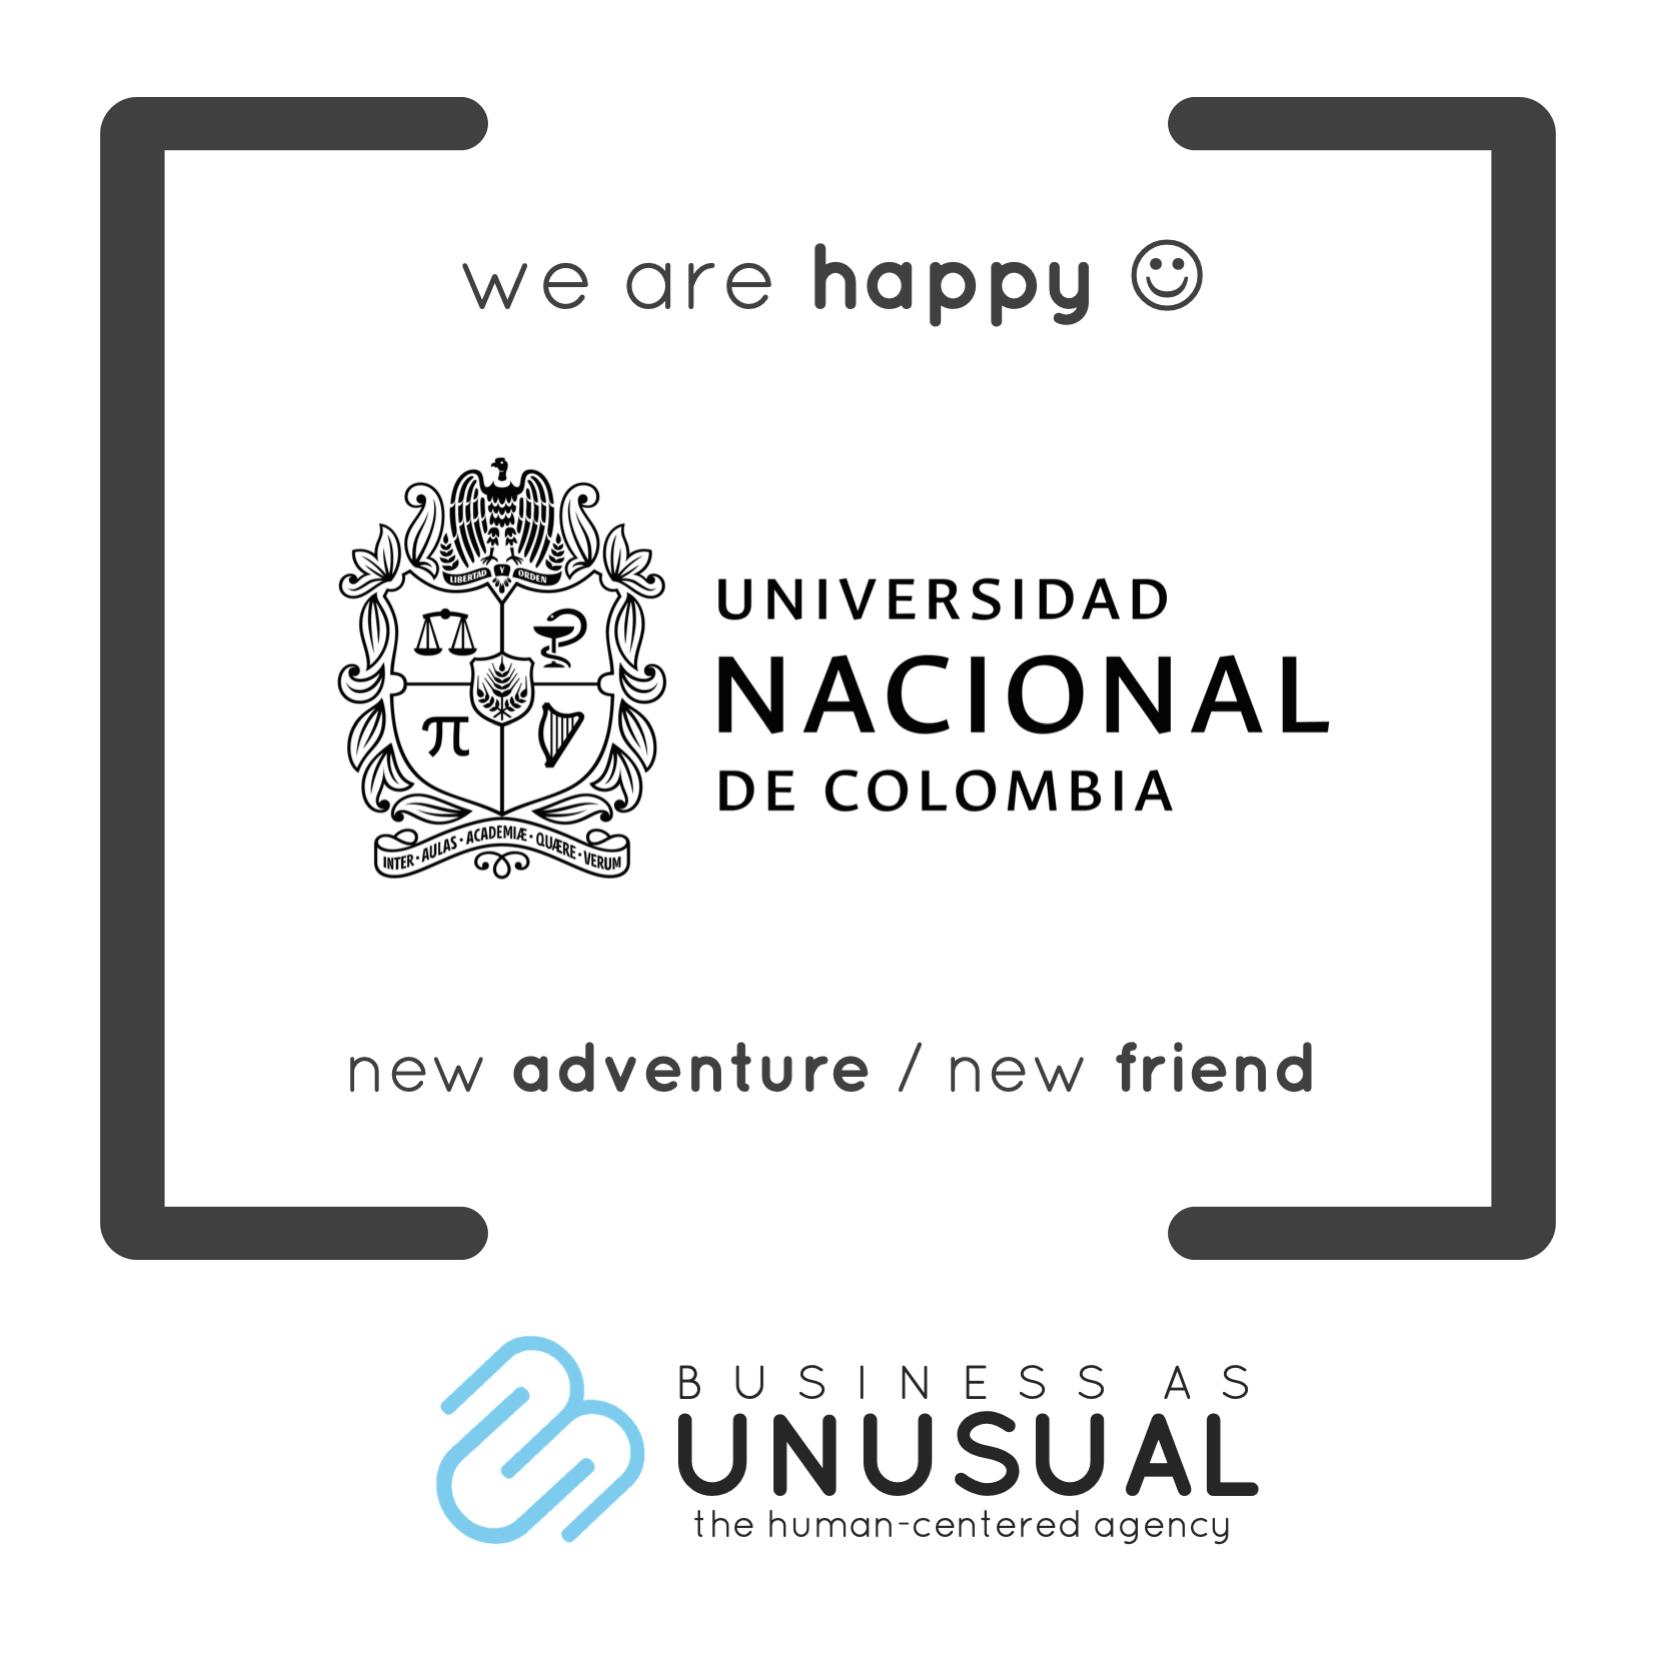 Universidad Nacional de Colombia UNAL